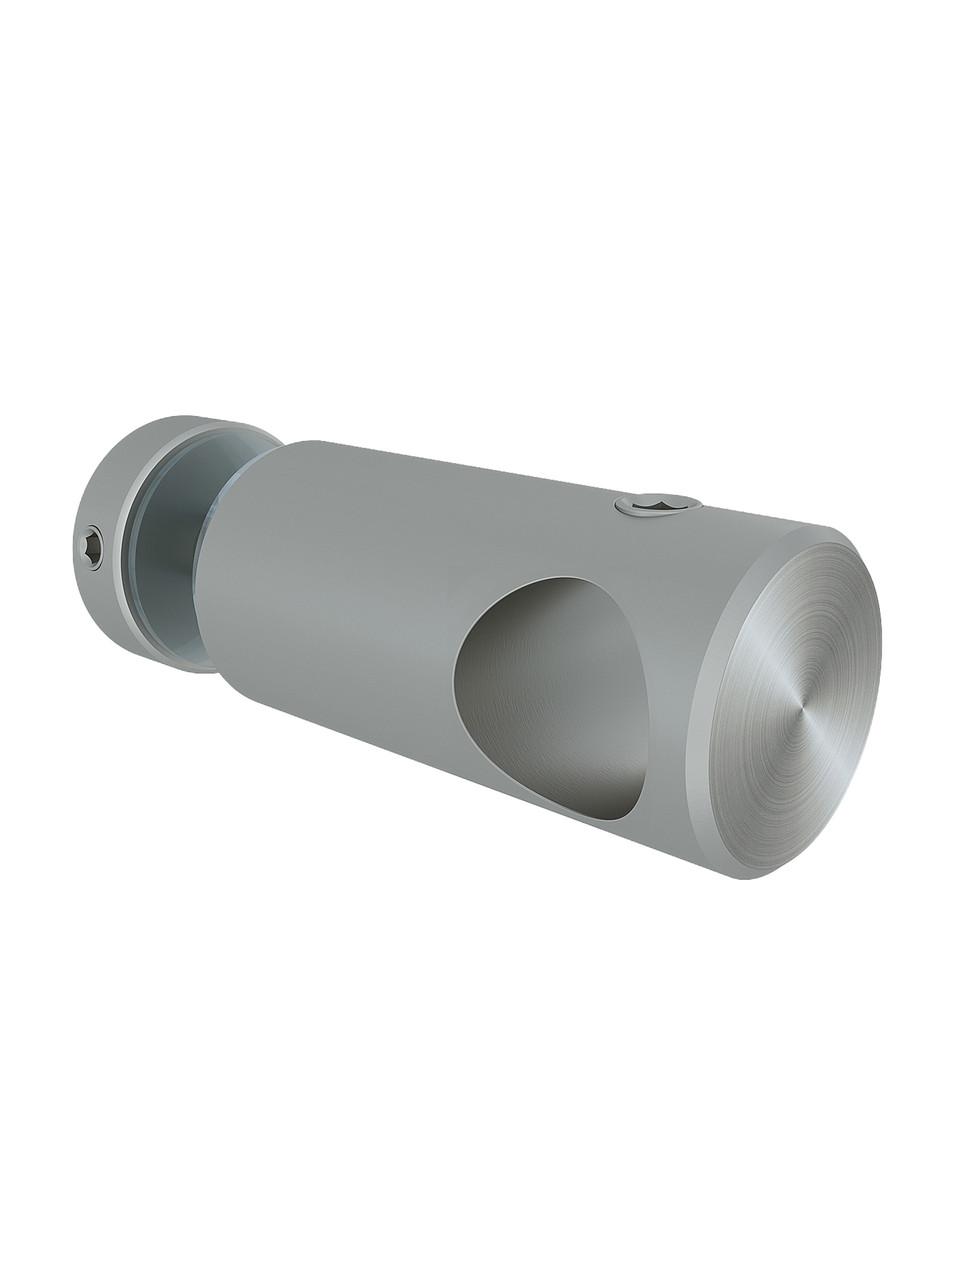 ODF-09-12-01 Кріплення штанги 16 мм до скла наскрізне Т-образне сатин.